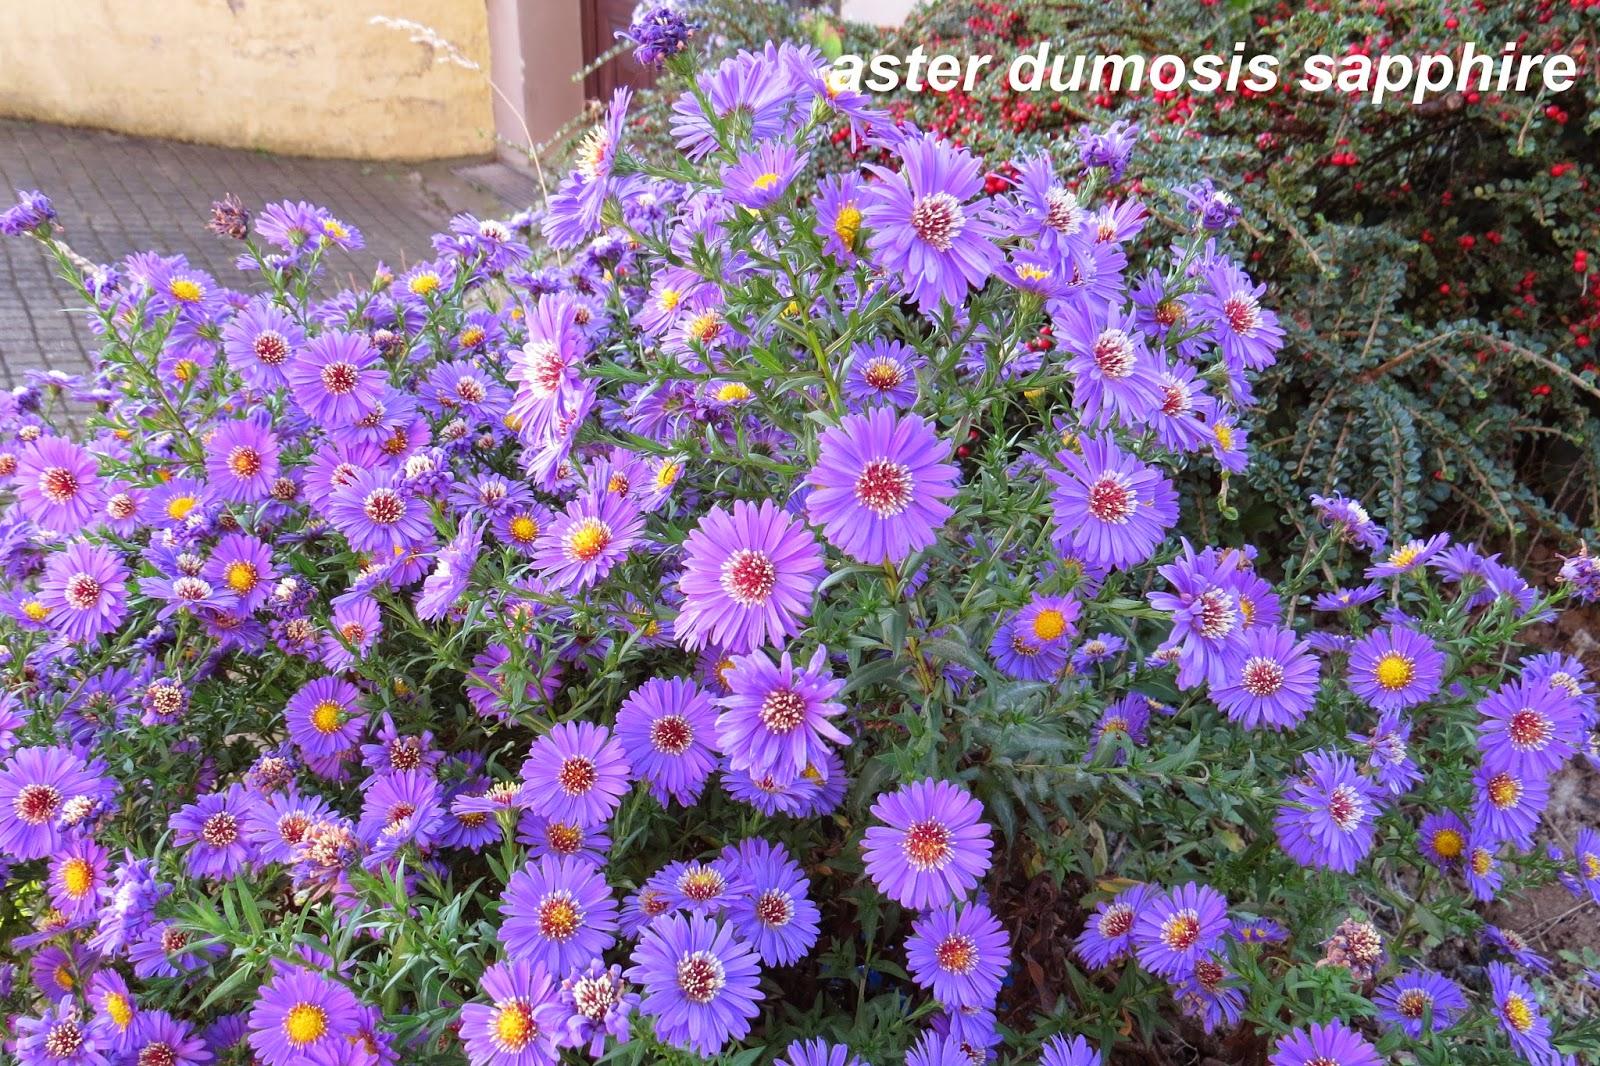 Jardin alsace vignoble for Plante de jardin vivace